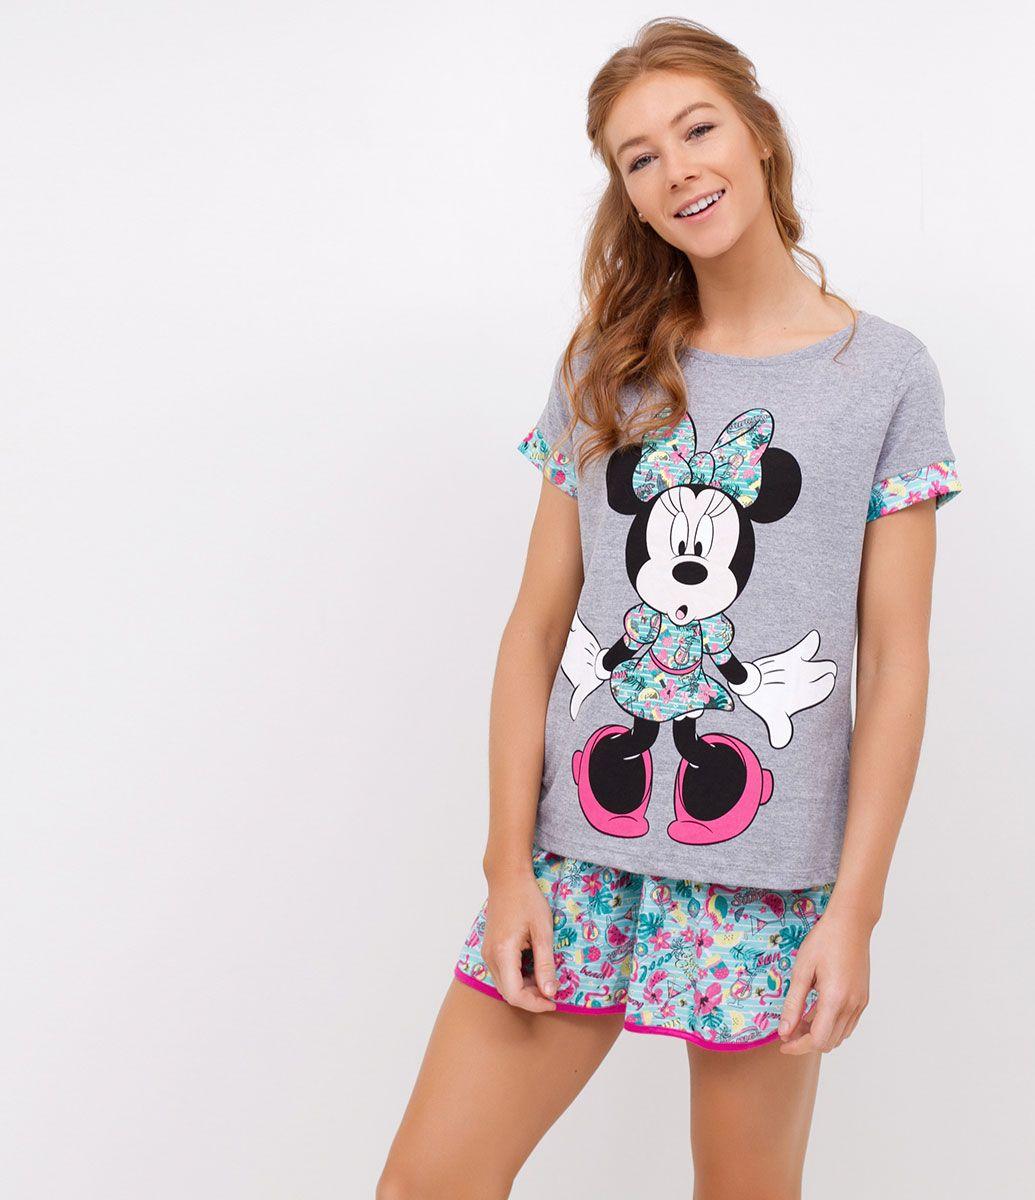 9e683140d Short Doll feminino Manga curta Marca: Disney Short estampado Modelo veste  tamanho:P Medidas da modelo: Altura: 1,73 Busto: 78 Cintura: 61 Quadril: 89  ...